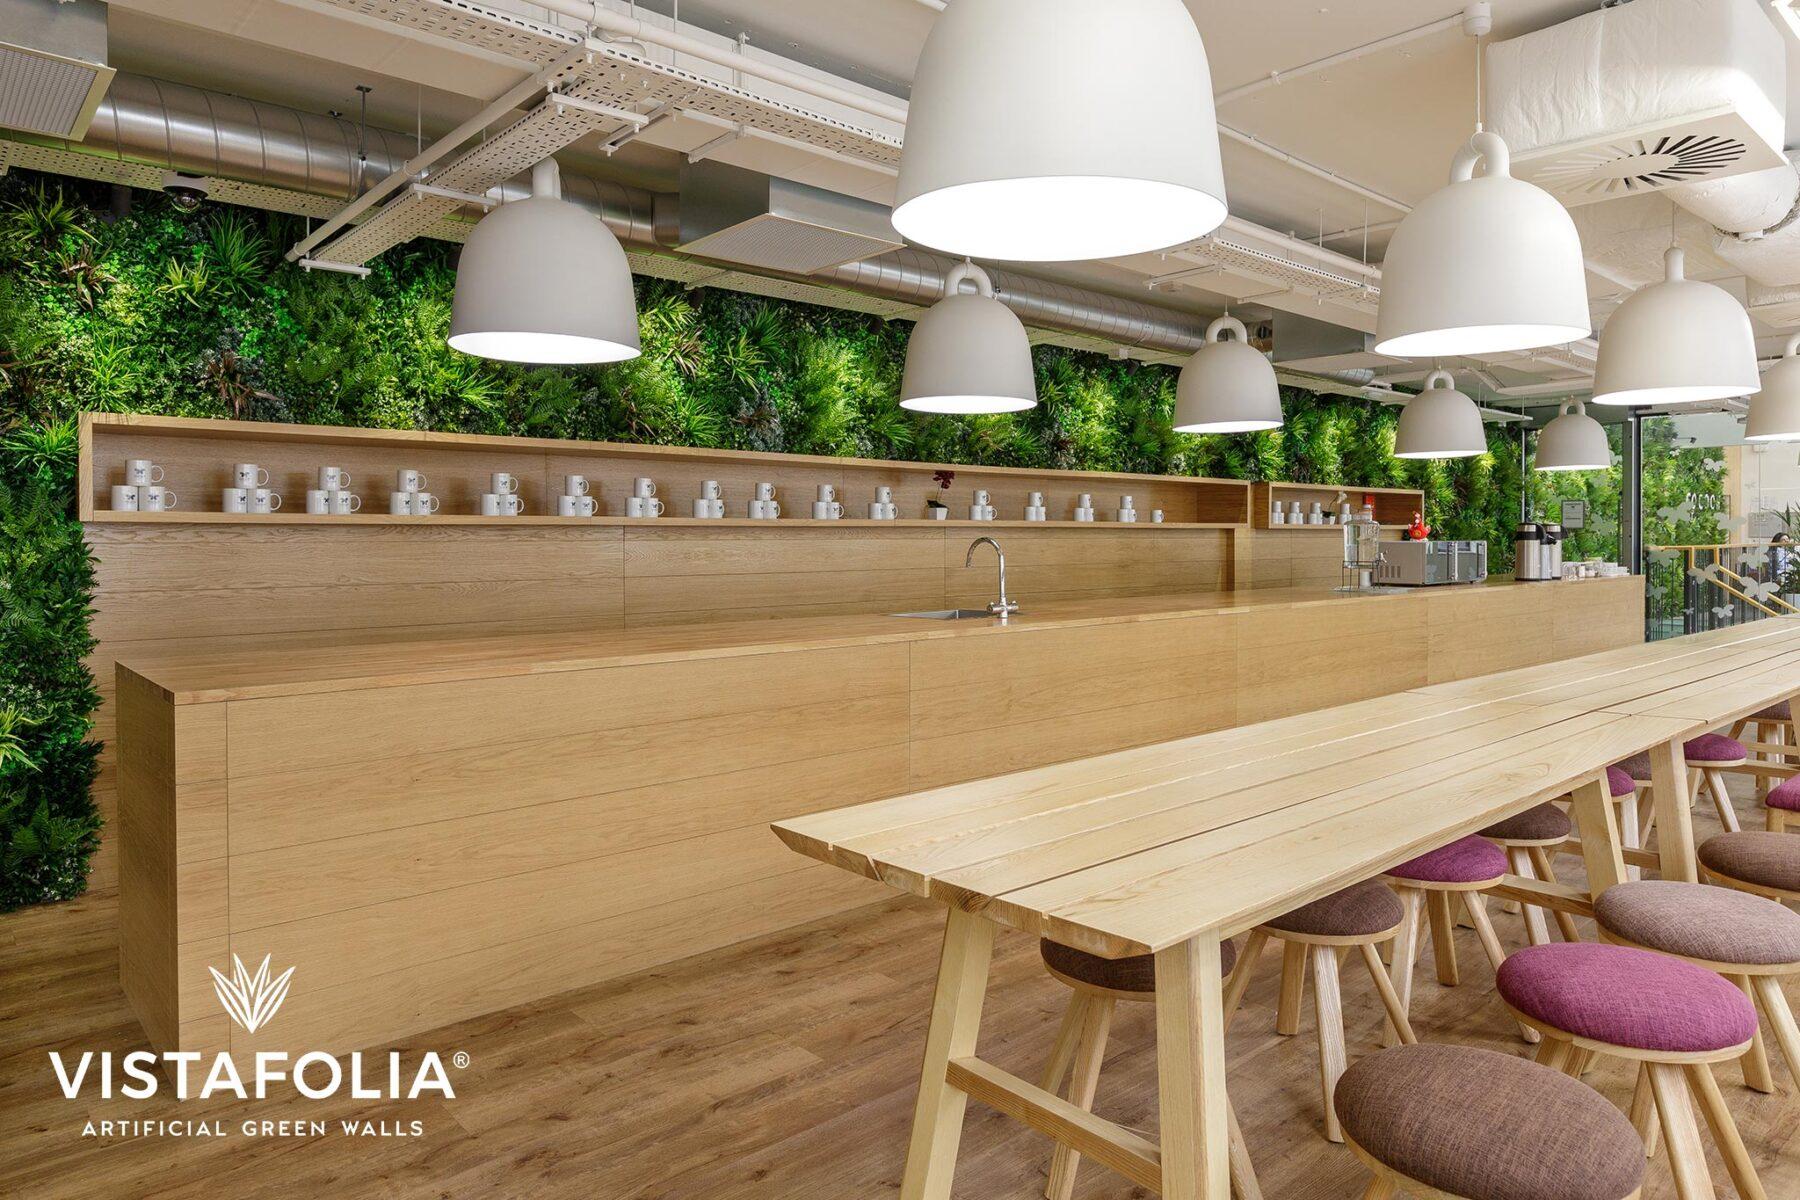 new york visitafolia, green walls installation